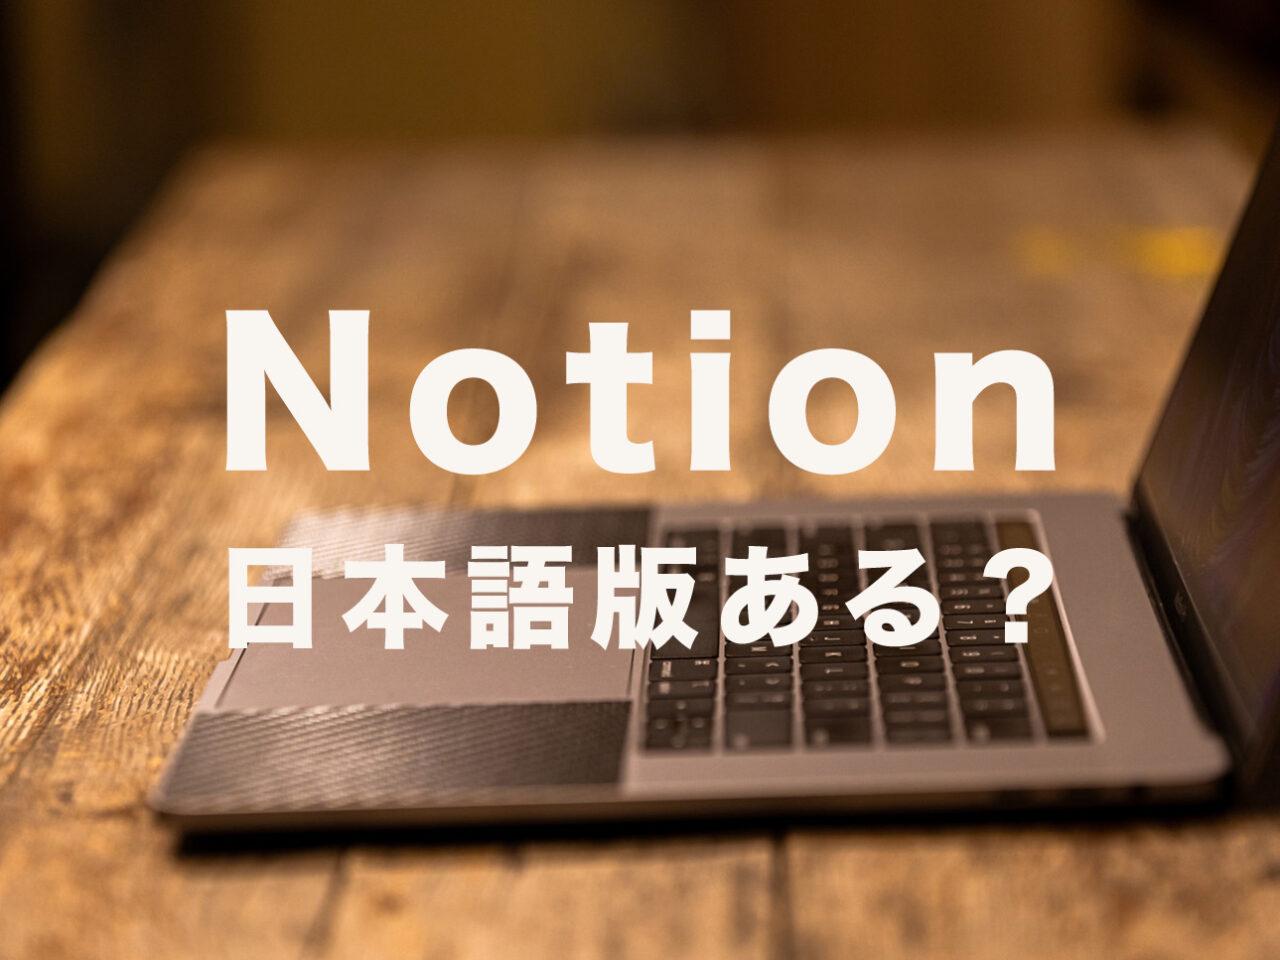 Notion(ノーション)に日本語版はある?日本語化する方法は?いつ対応?のサムネイル画像